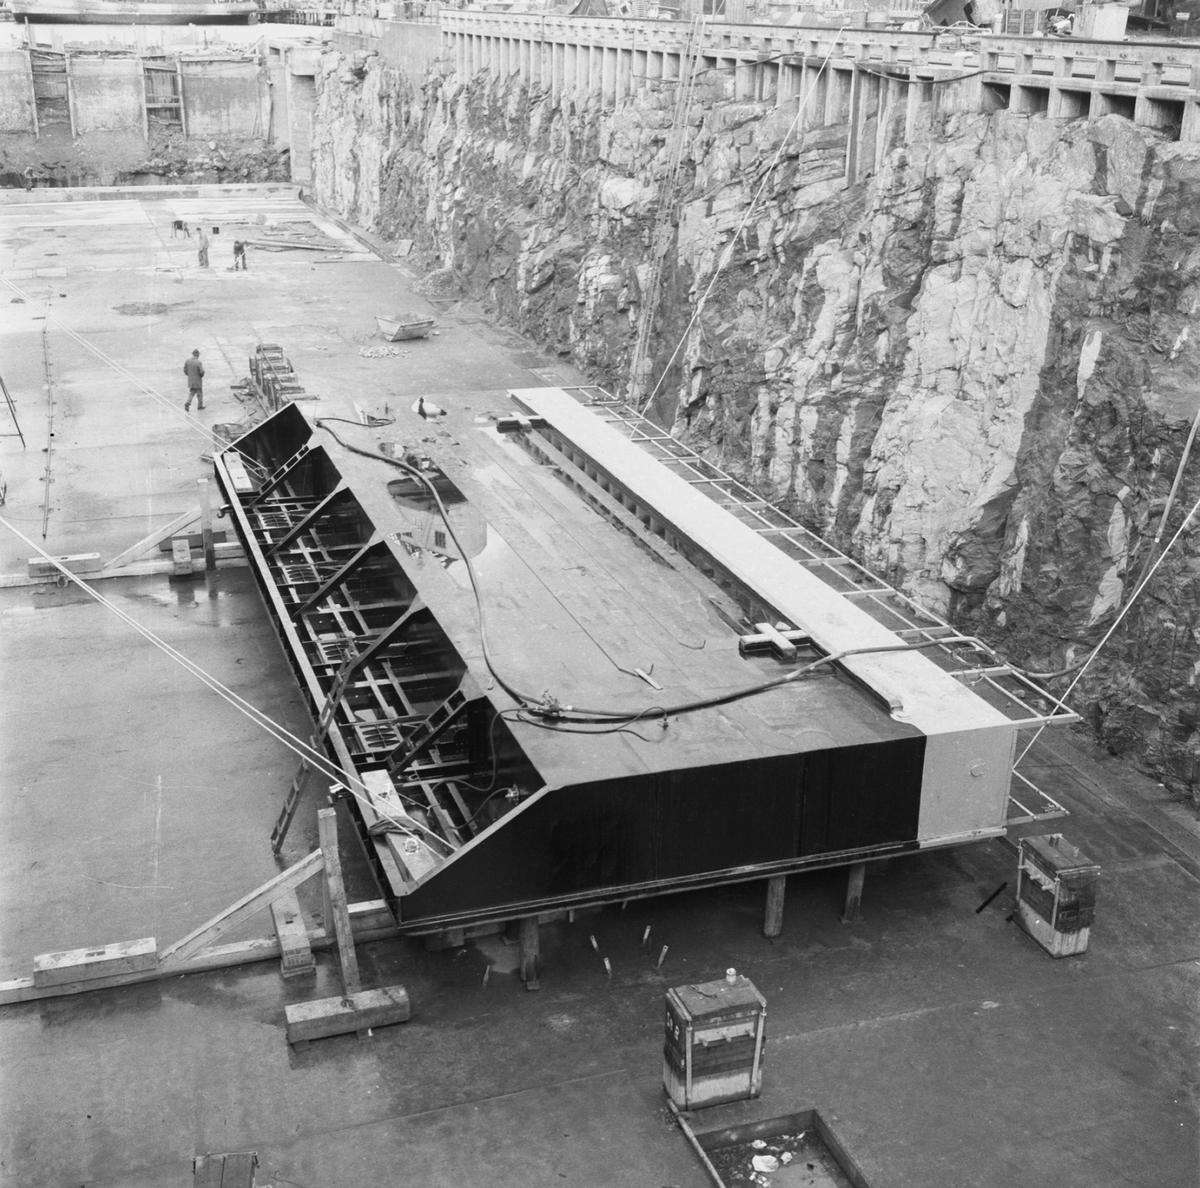 Övrigt: Fotodatum:30/10 1959 Byggnader och Kranar. Polhemsdockan ombyggn. arbete nya dockporten